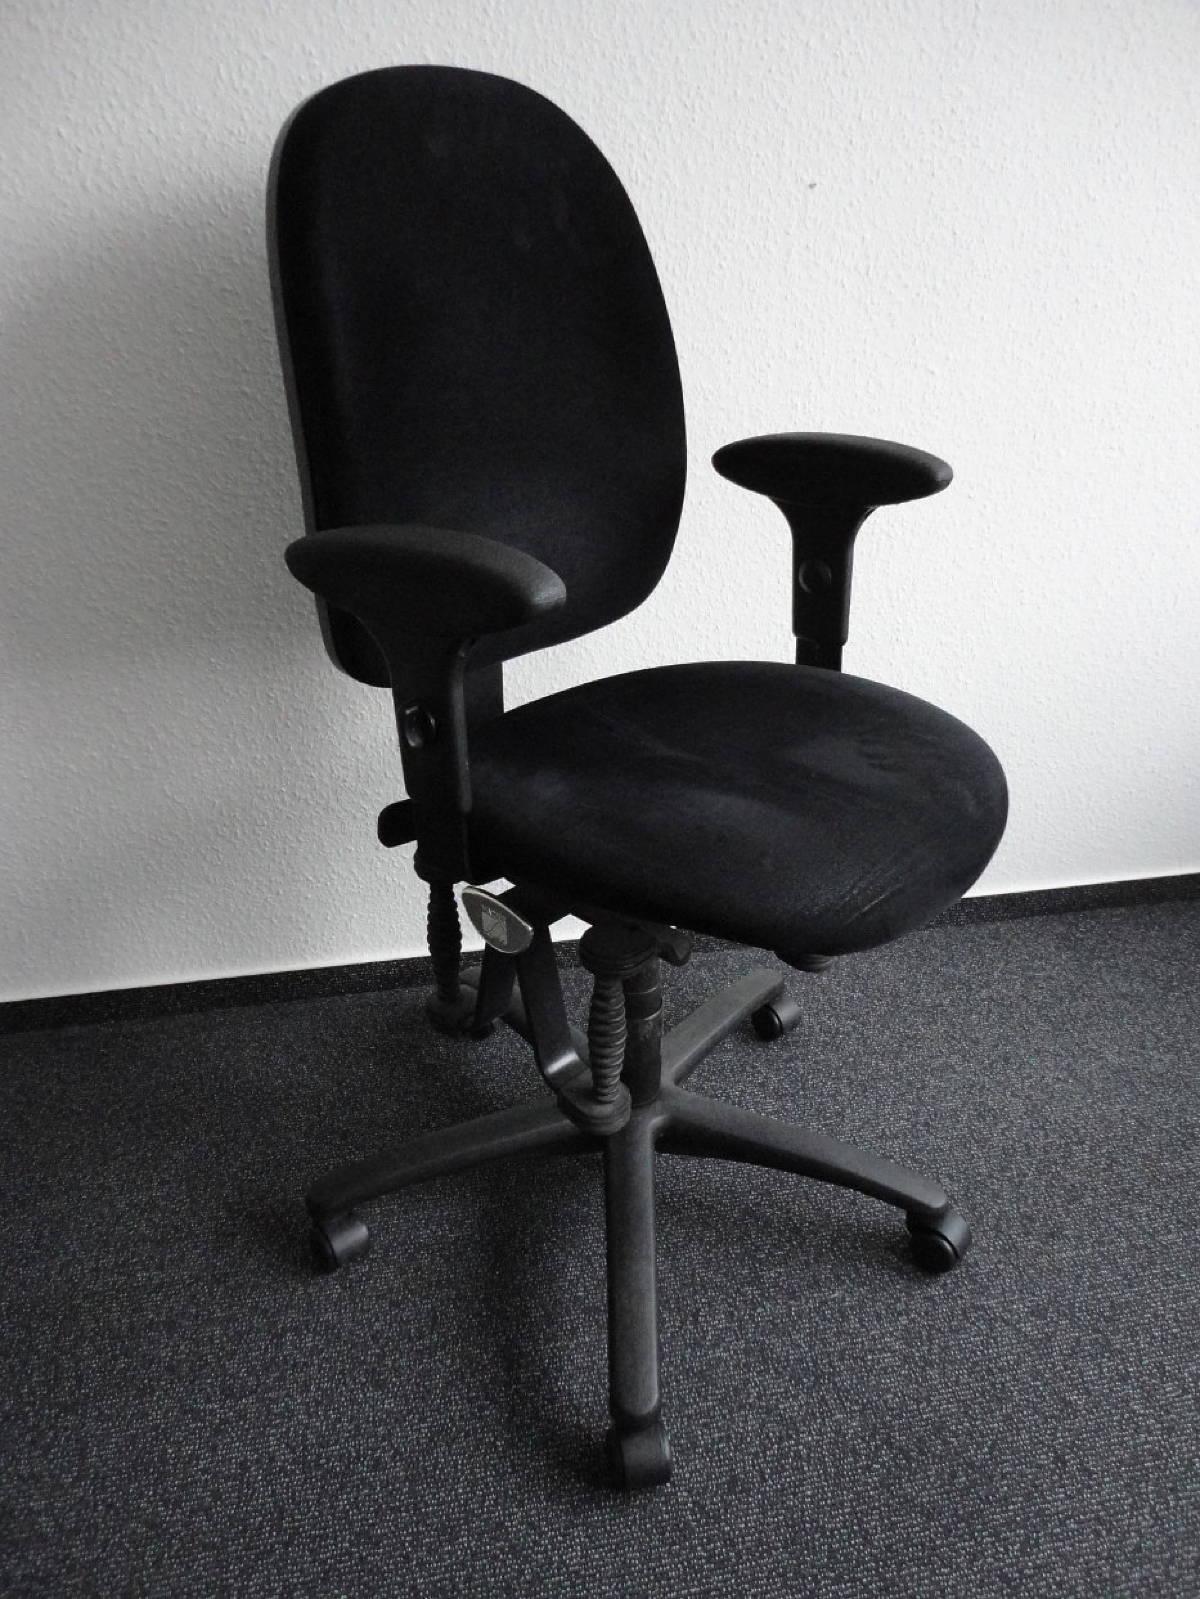 Gebrauchte Büromöbel Spangenberg Handelsbetrieb Spangenberg